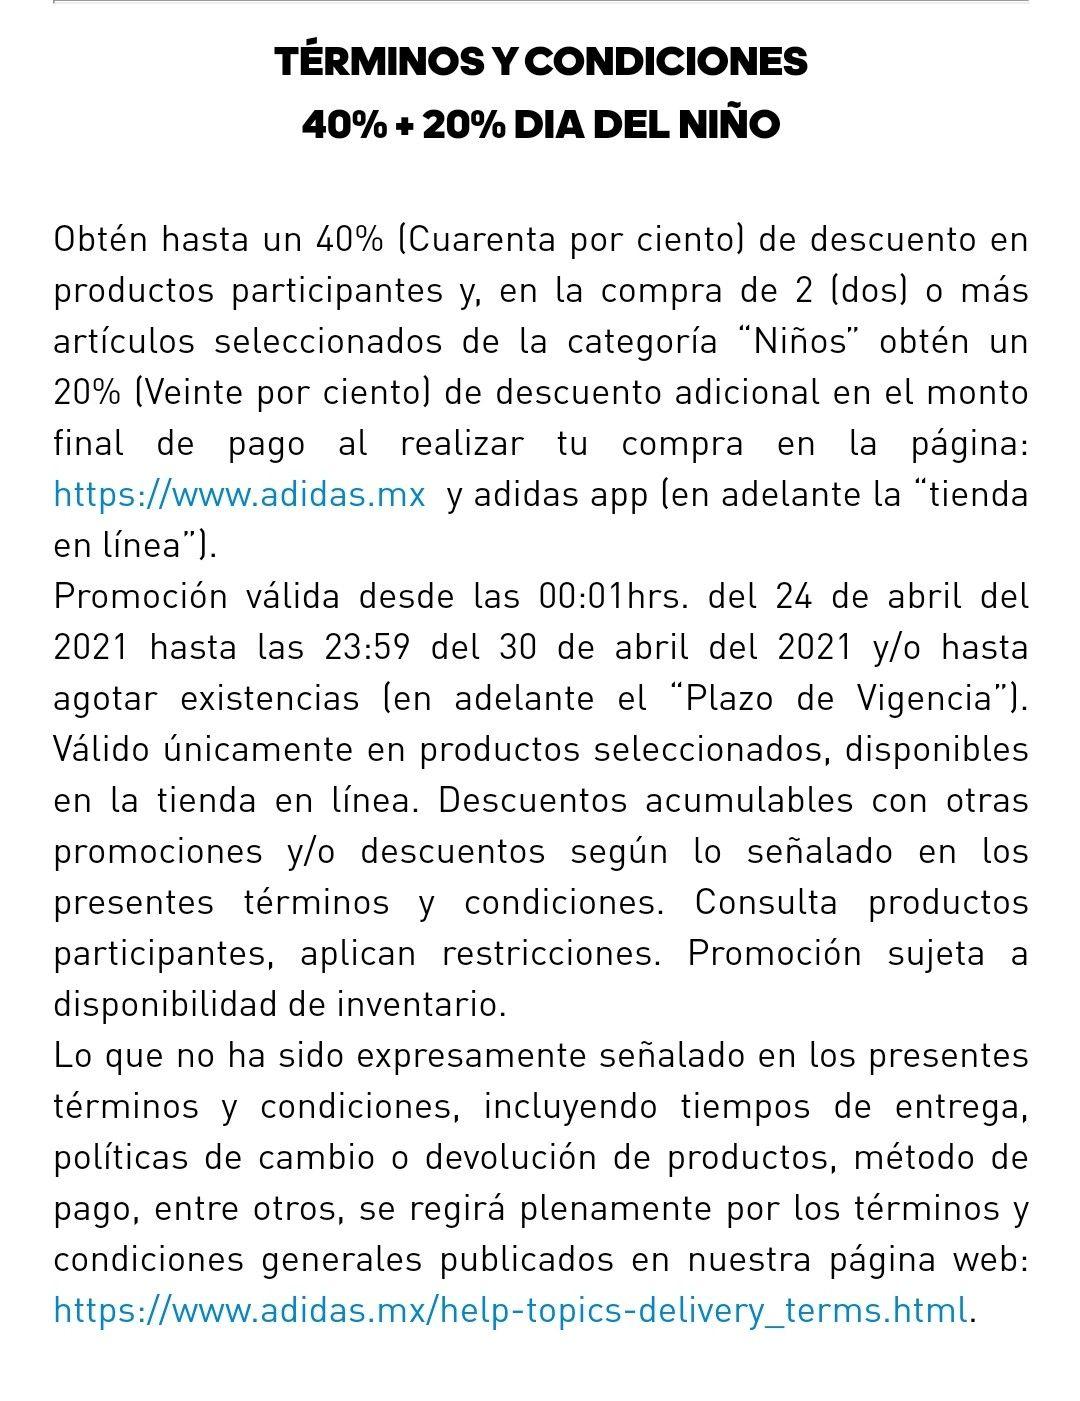 Adidas 40% + 20% de descuento en sección NIÑOS